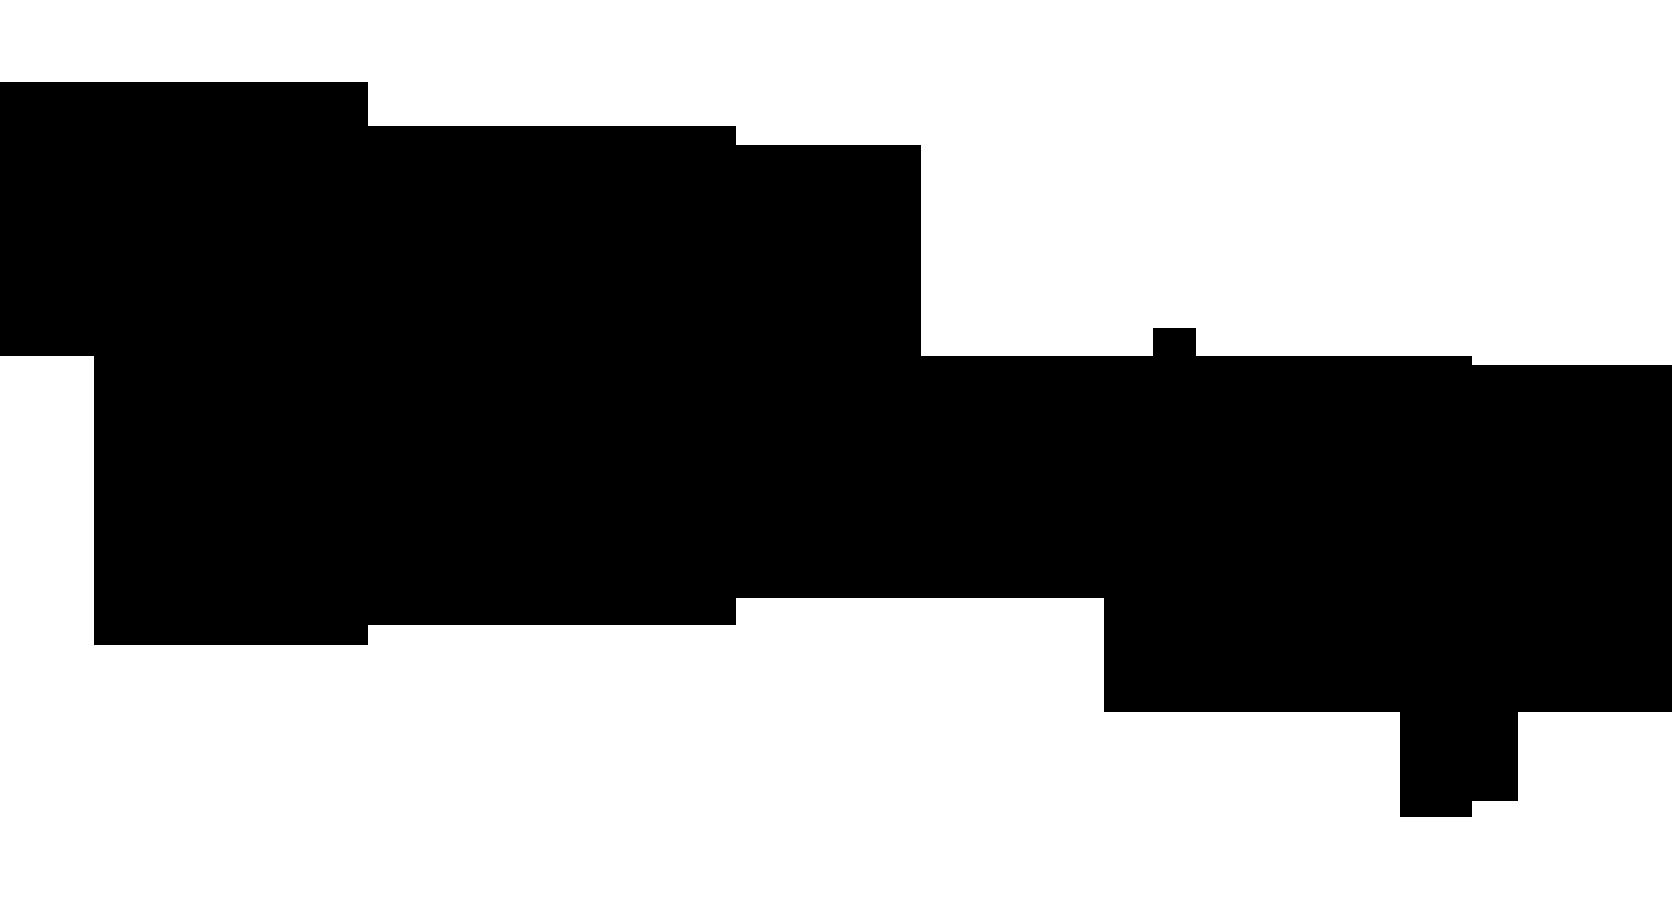 анастасии дисней картинка логотип хандры